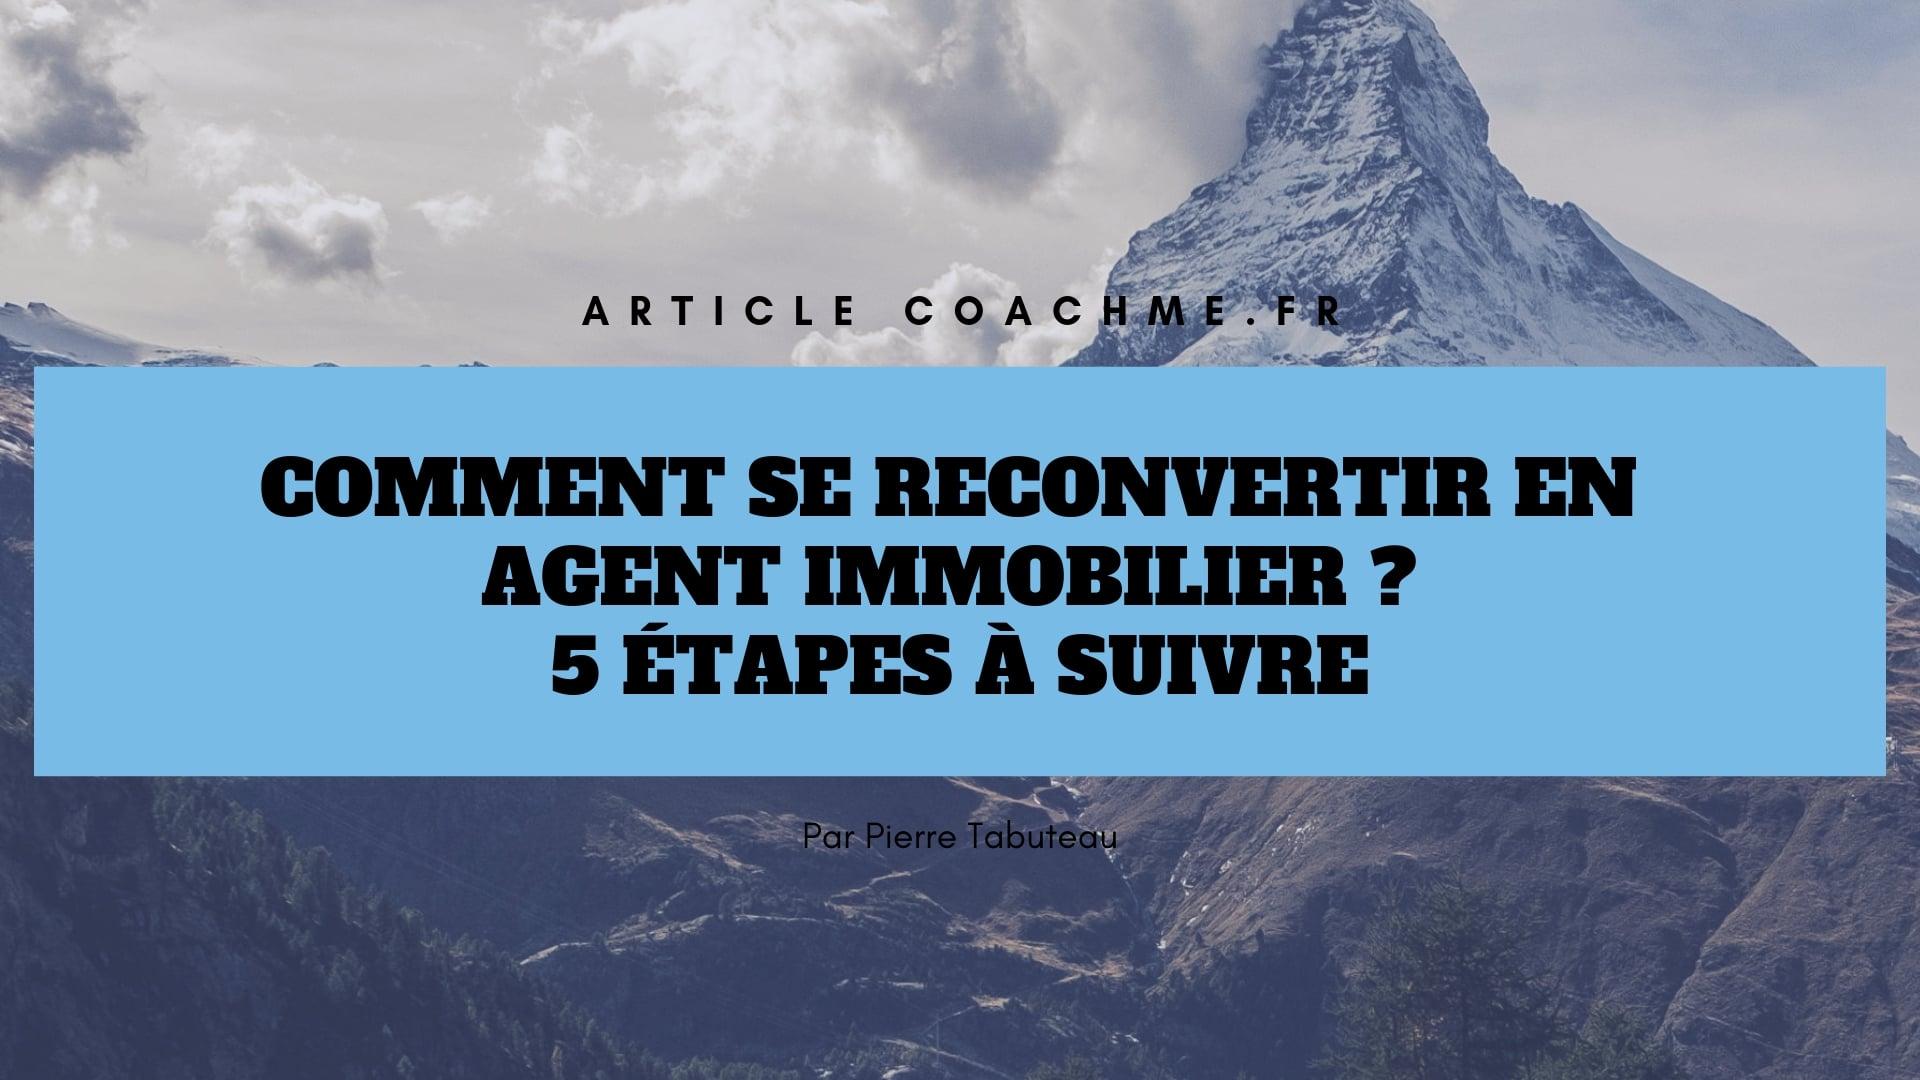 5 étapes Pour Se Reconvertir En Agent Immobilier